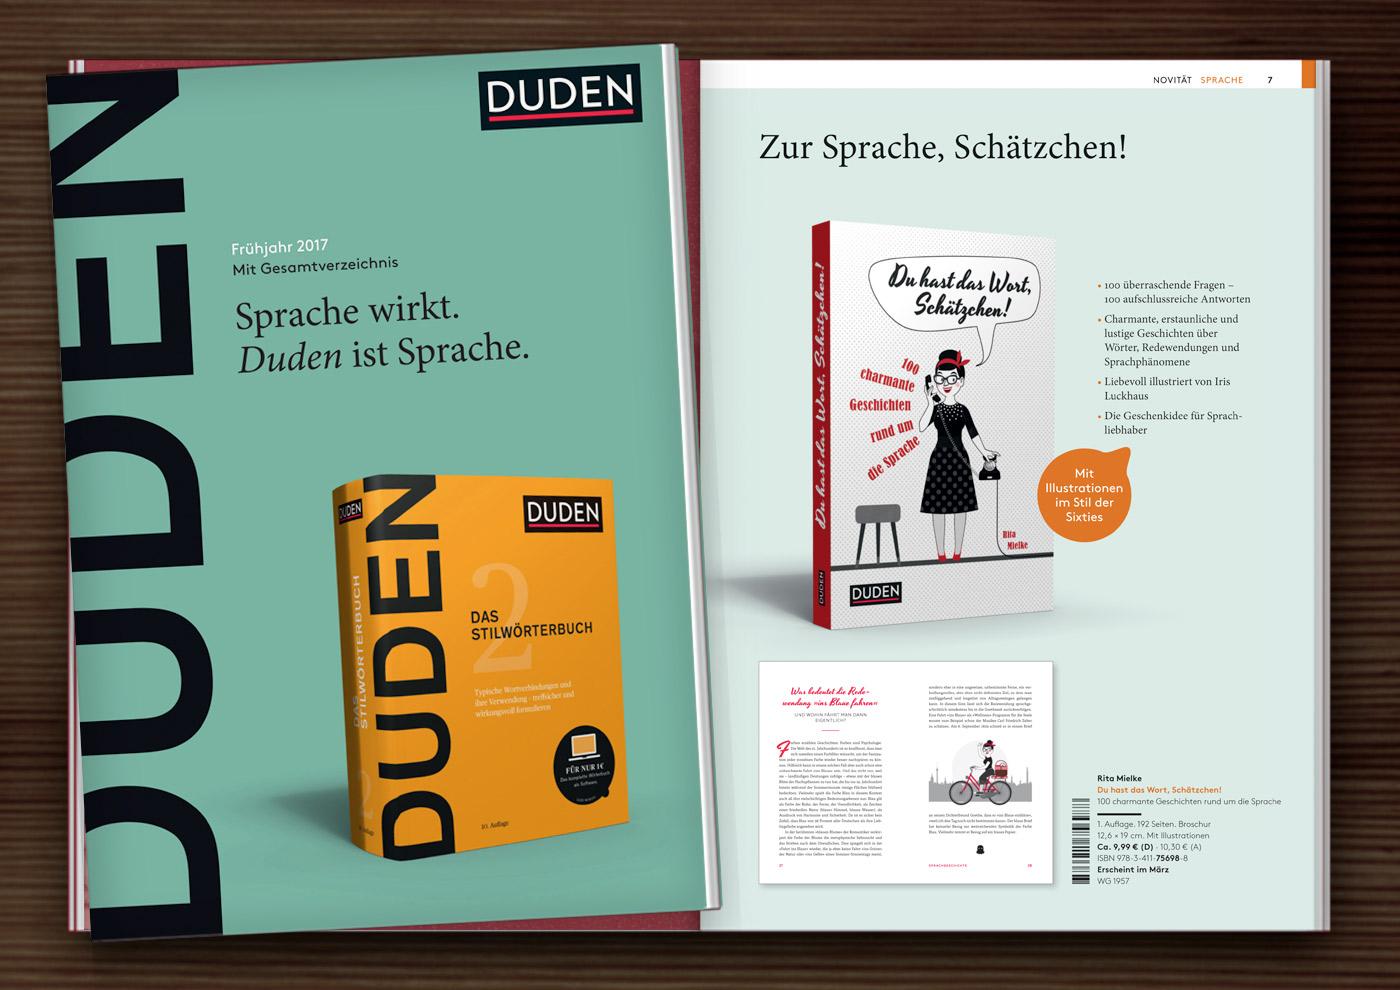 Vorschau für Du hast das Wort, Schätzchen! 100 charmante Geschichten rund um die Sprache im Duden Verlag